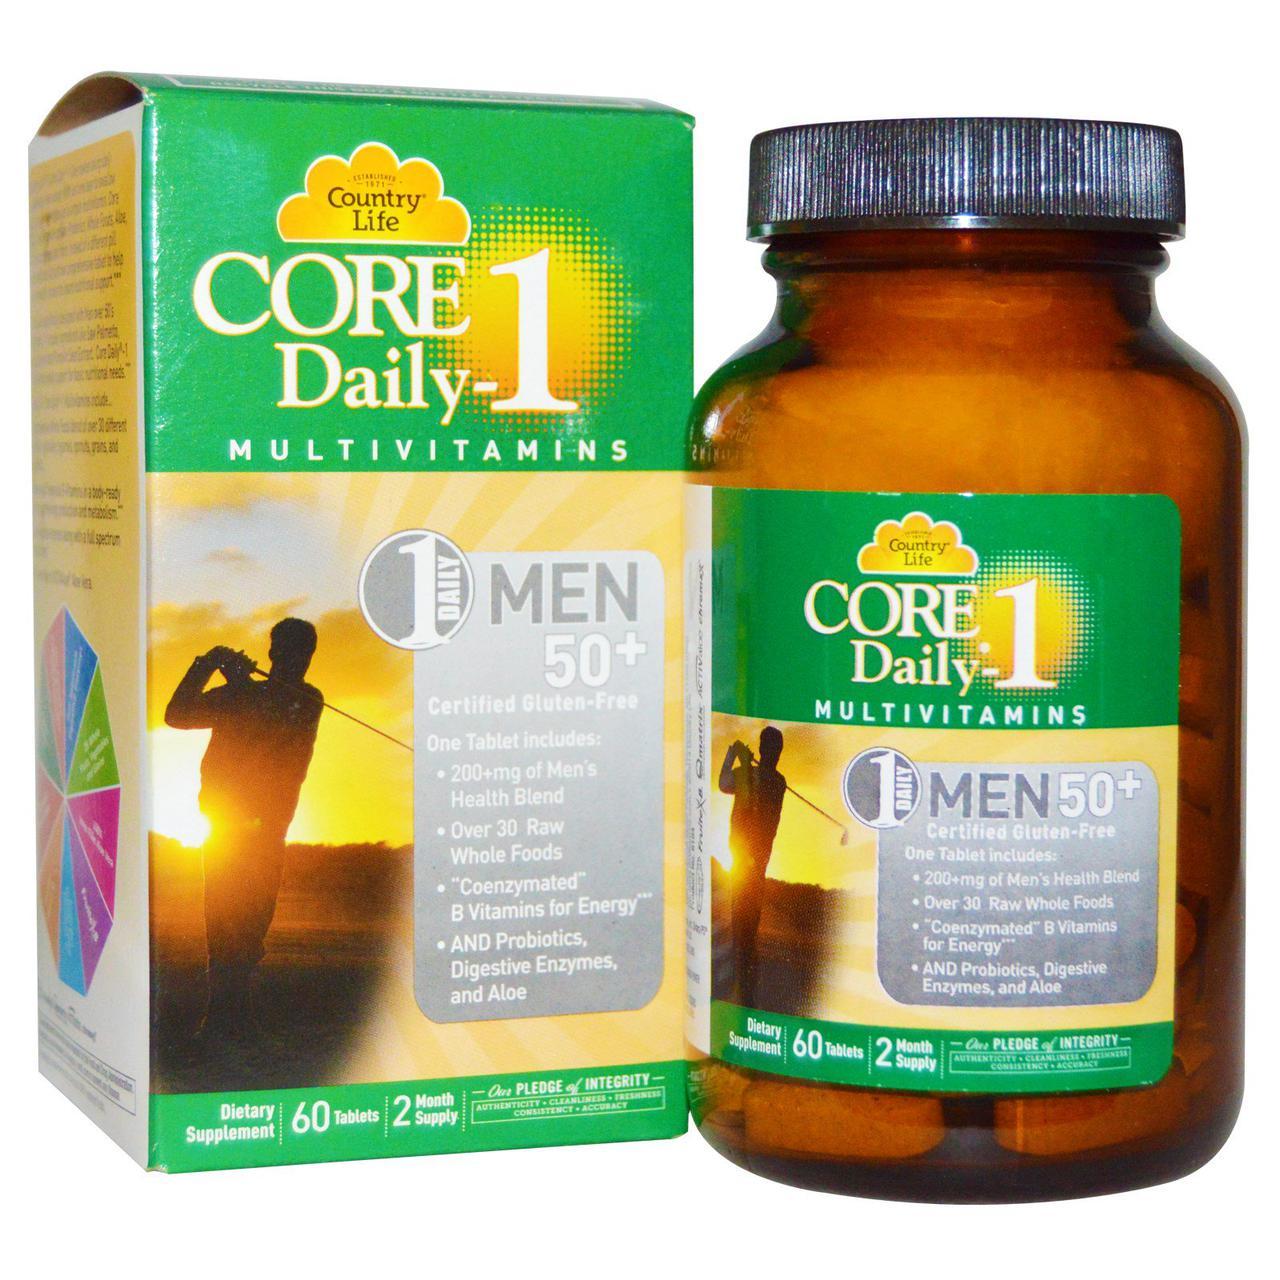 Country Life, Core Daily-1, Мультивитамины, для Мужчин 50+, 60 таблеток